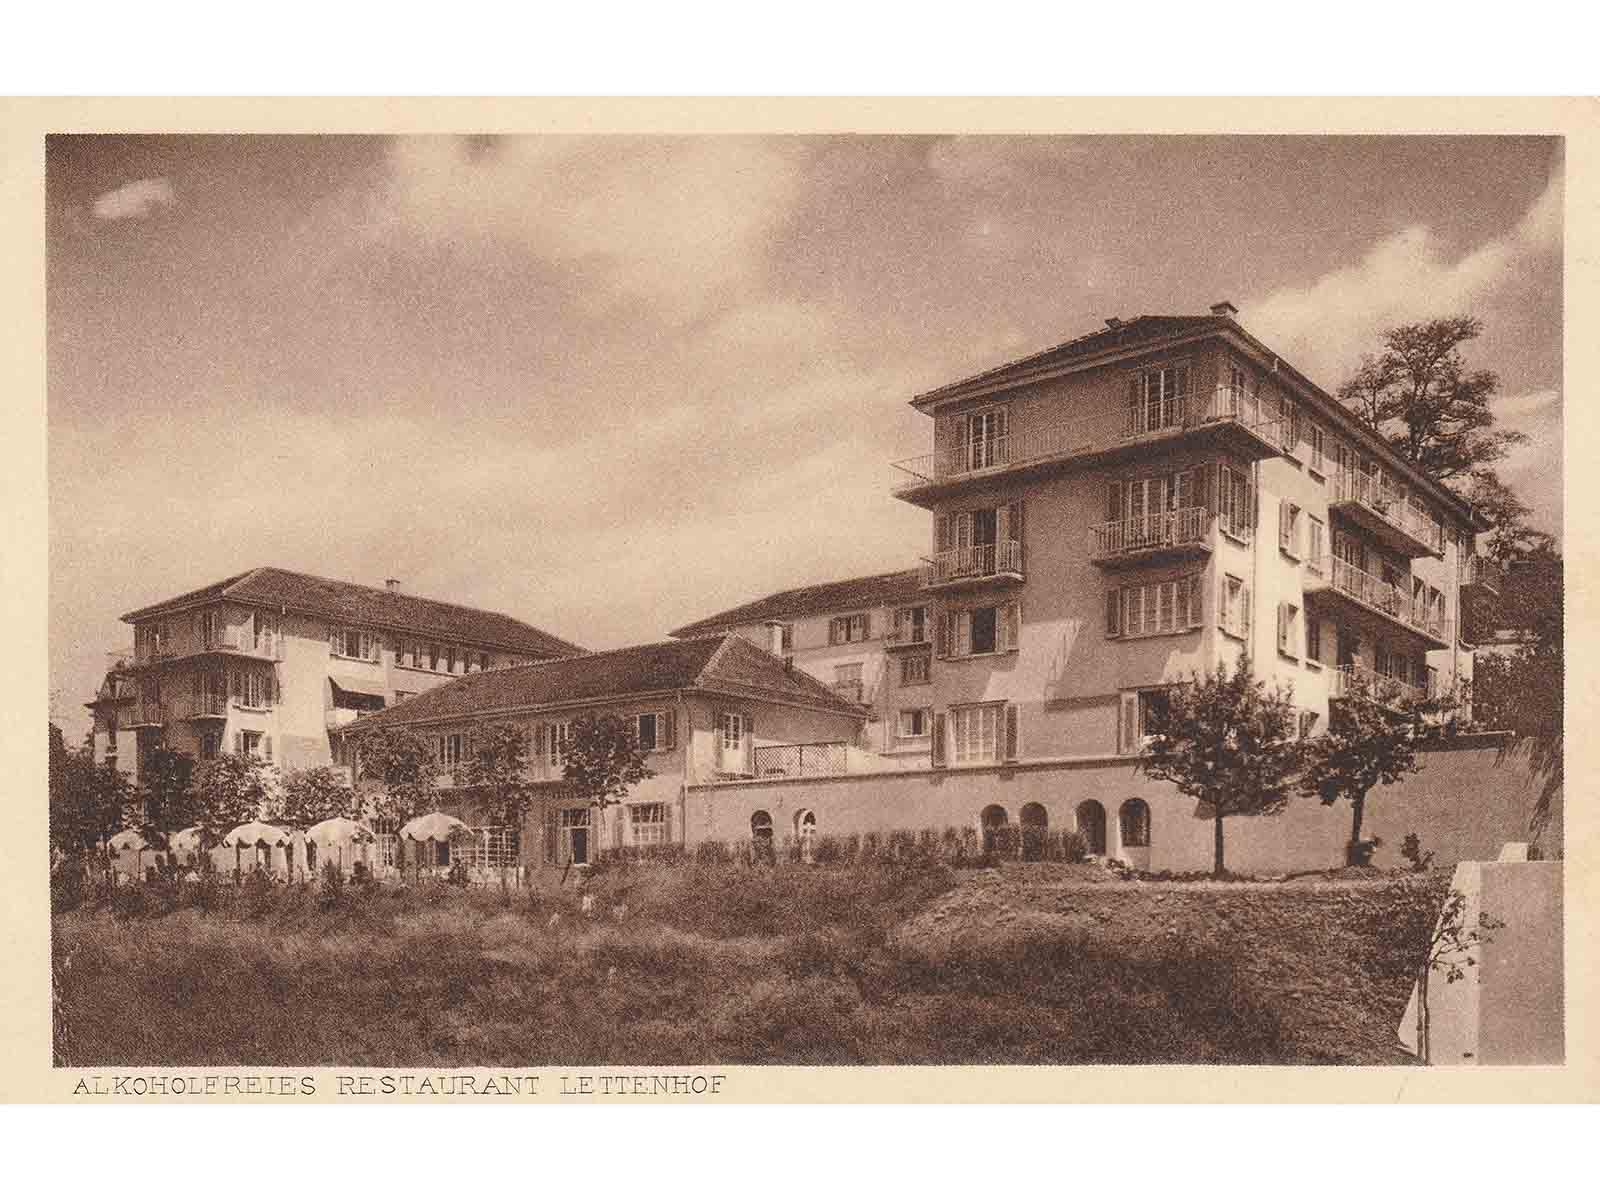 Die Siedlung Lettenhof, 1927 von der berühmten Zürcher Architektin Lux Guyer im Auftrag der Baugenossenschaft berufstätiger Frauen erbaut.